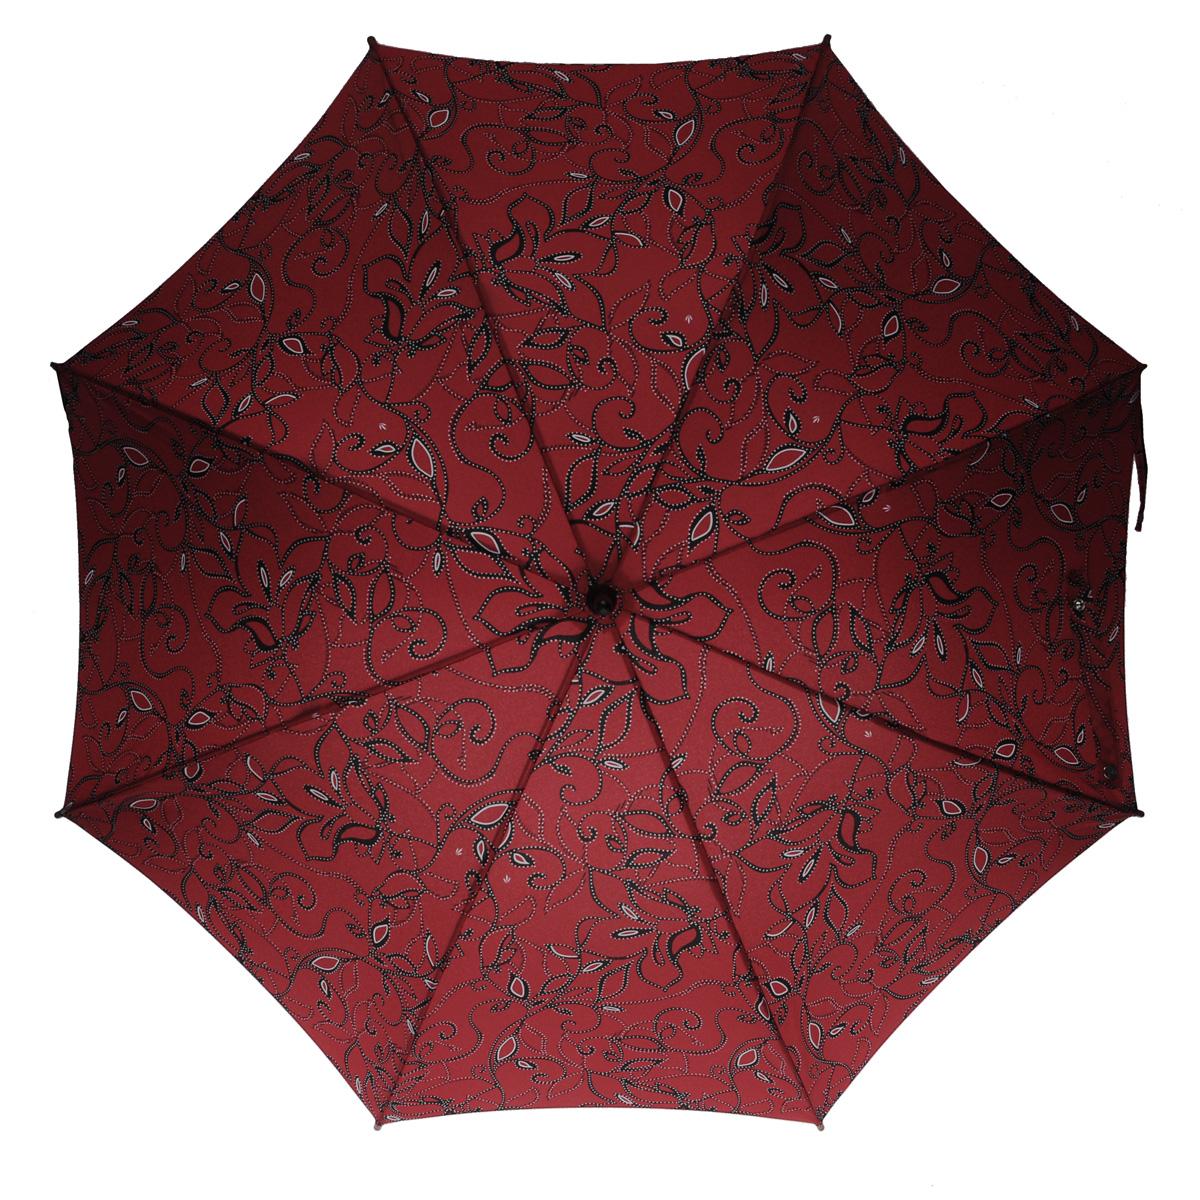 """Зонт-трость женский Fulton, механический, цвет: бордовый. L05645100948B/32793/5900NМодный механический зонт-трость """"Fulton"""" даже в ненастную погоду позволит вам оставаться стильной и элегантной. Облегченный каркас зонта состоит из 8 спиц из фибергласса и деревянного стержня. Купол зонта выполнен из прочного полиэстера и оформлен витиеватым цветочным узором, дополненным белым крапом. Изделие оснащено удобной рукояткой из дерева.Зонт механического сложения: купол открывается и закрывается вручную до характерного щелчка.Модель закрывается при помощи двух ремней с кнопками.Такой зонт не только надежно защитит вас от дождя, но и станет стильным аксессуаром, который идеально подчеркнет ваш неповторимый образ."""